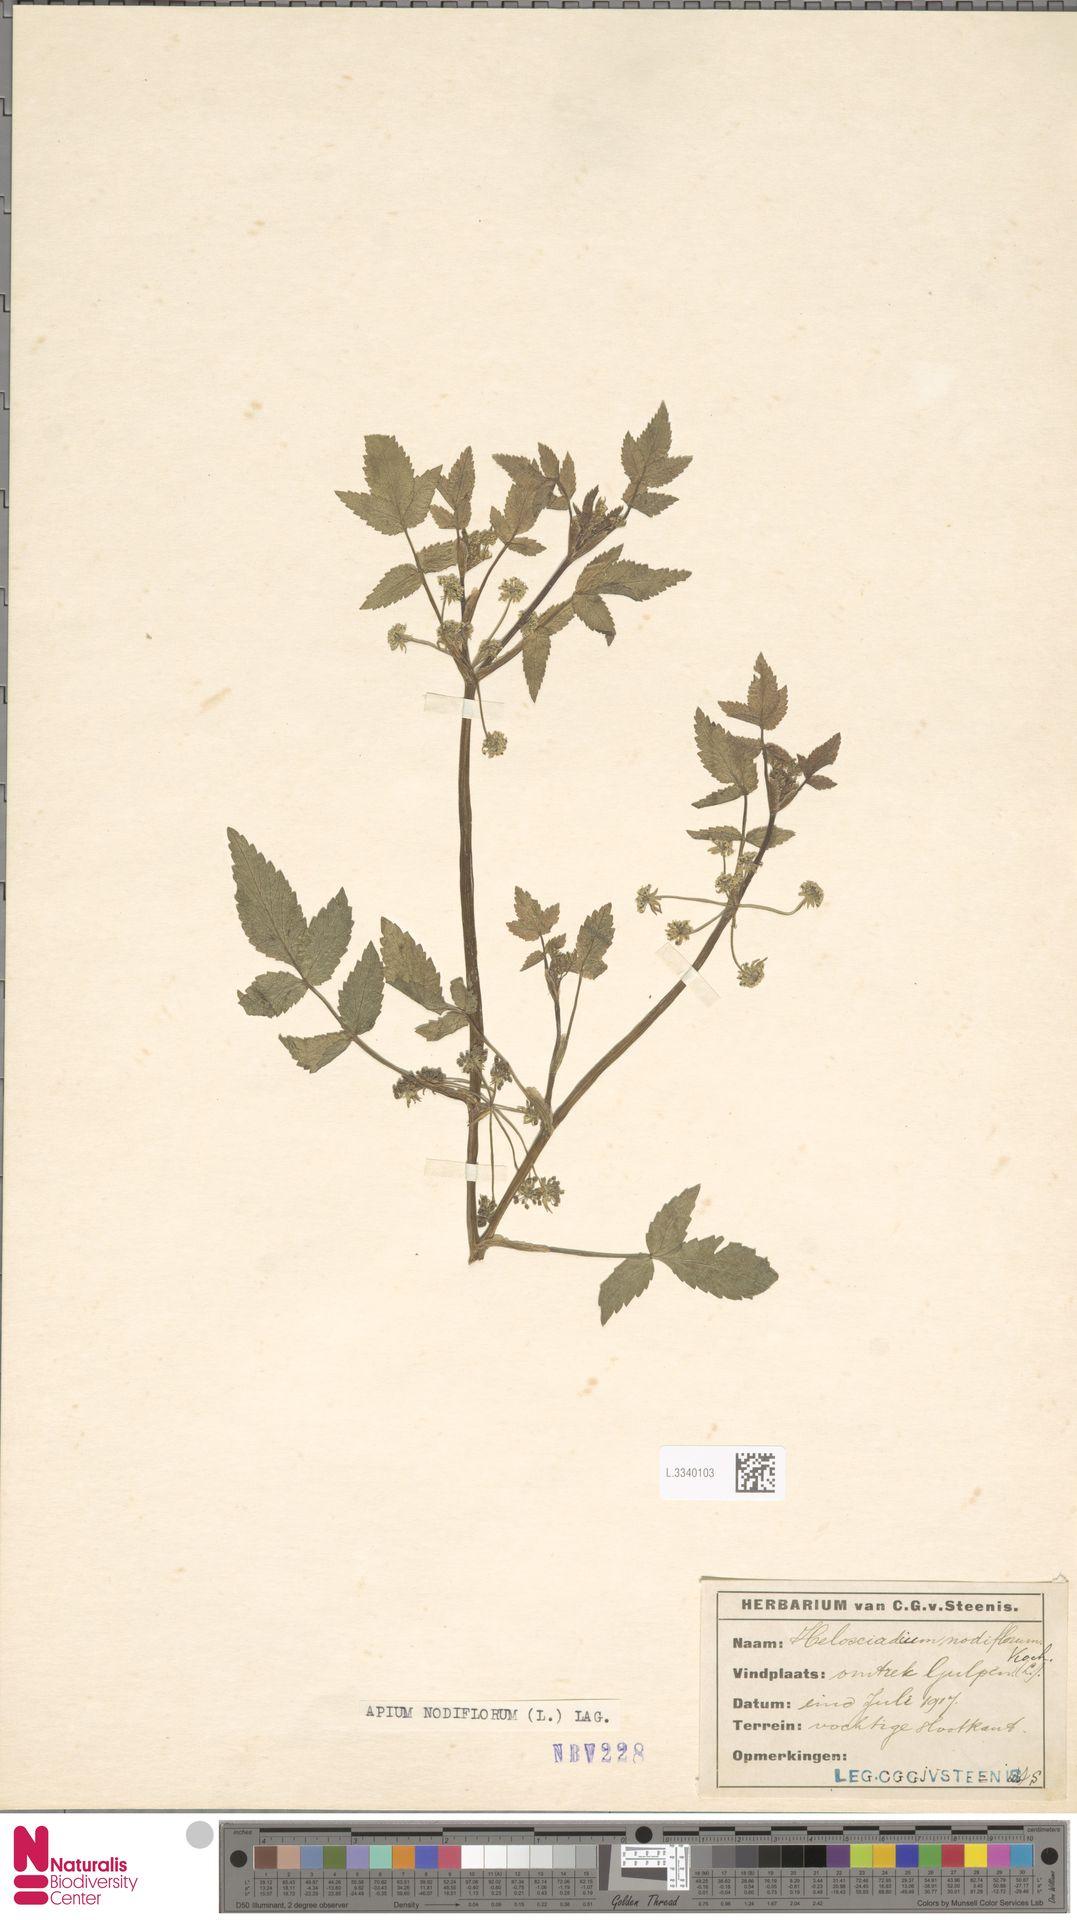 L.3340103   Apium nodiflorum (L.) Lag.